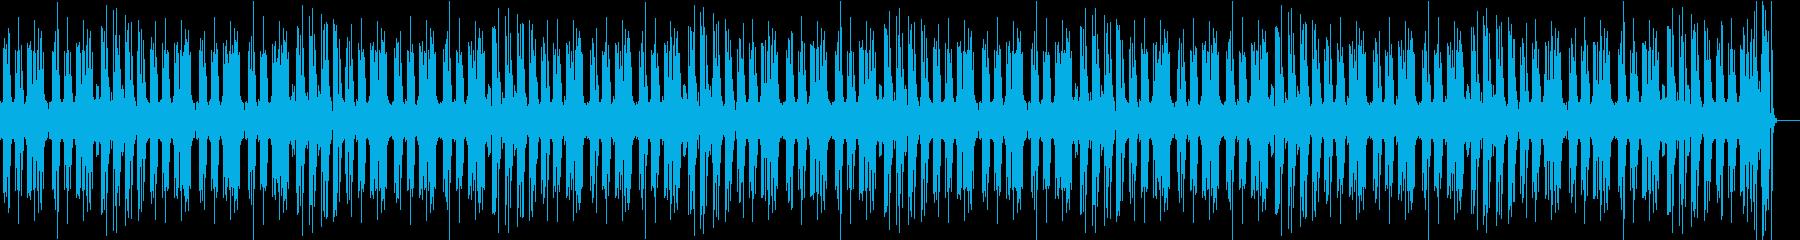 レトロな音色のピアノでガーシュインの名曲の再生済みの波形